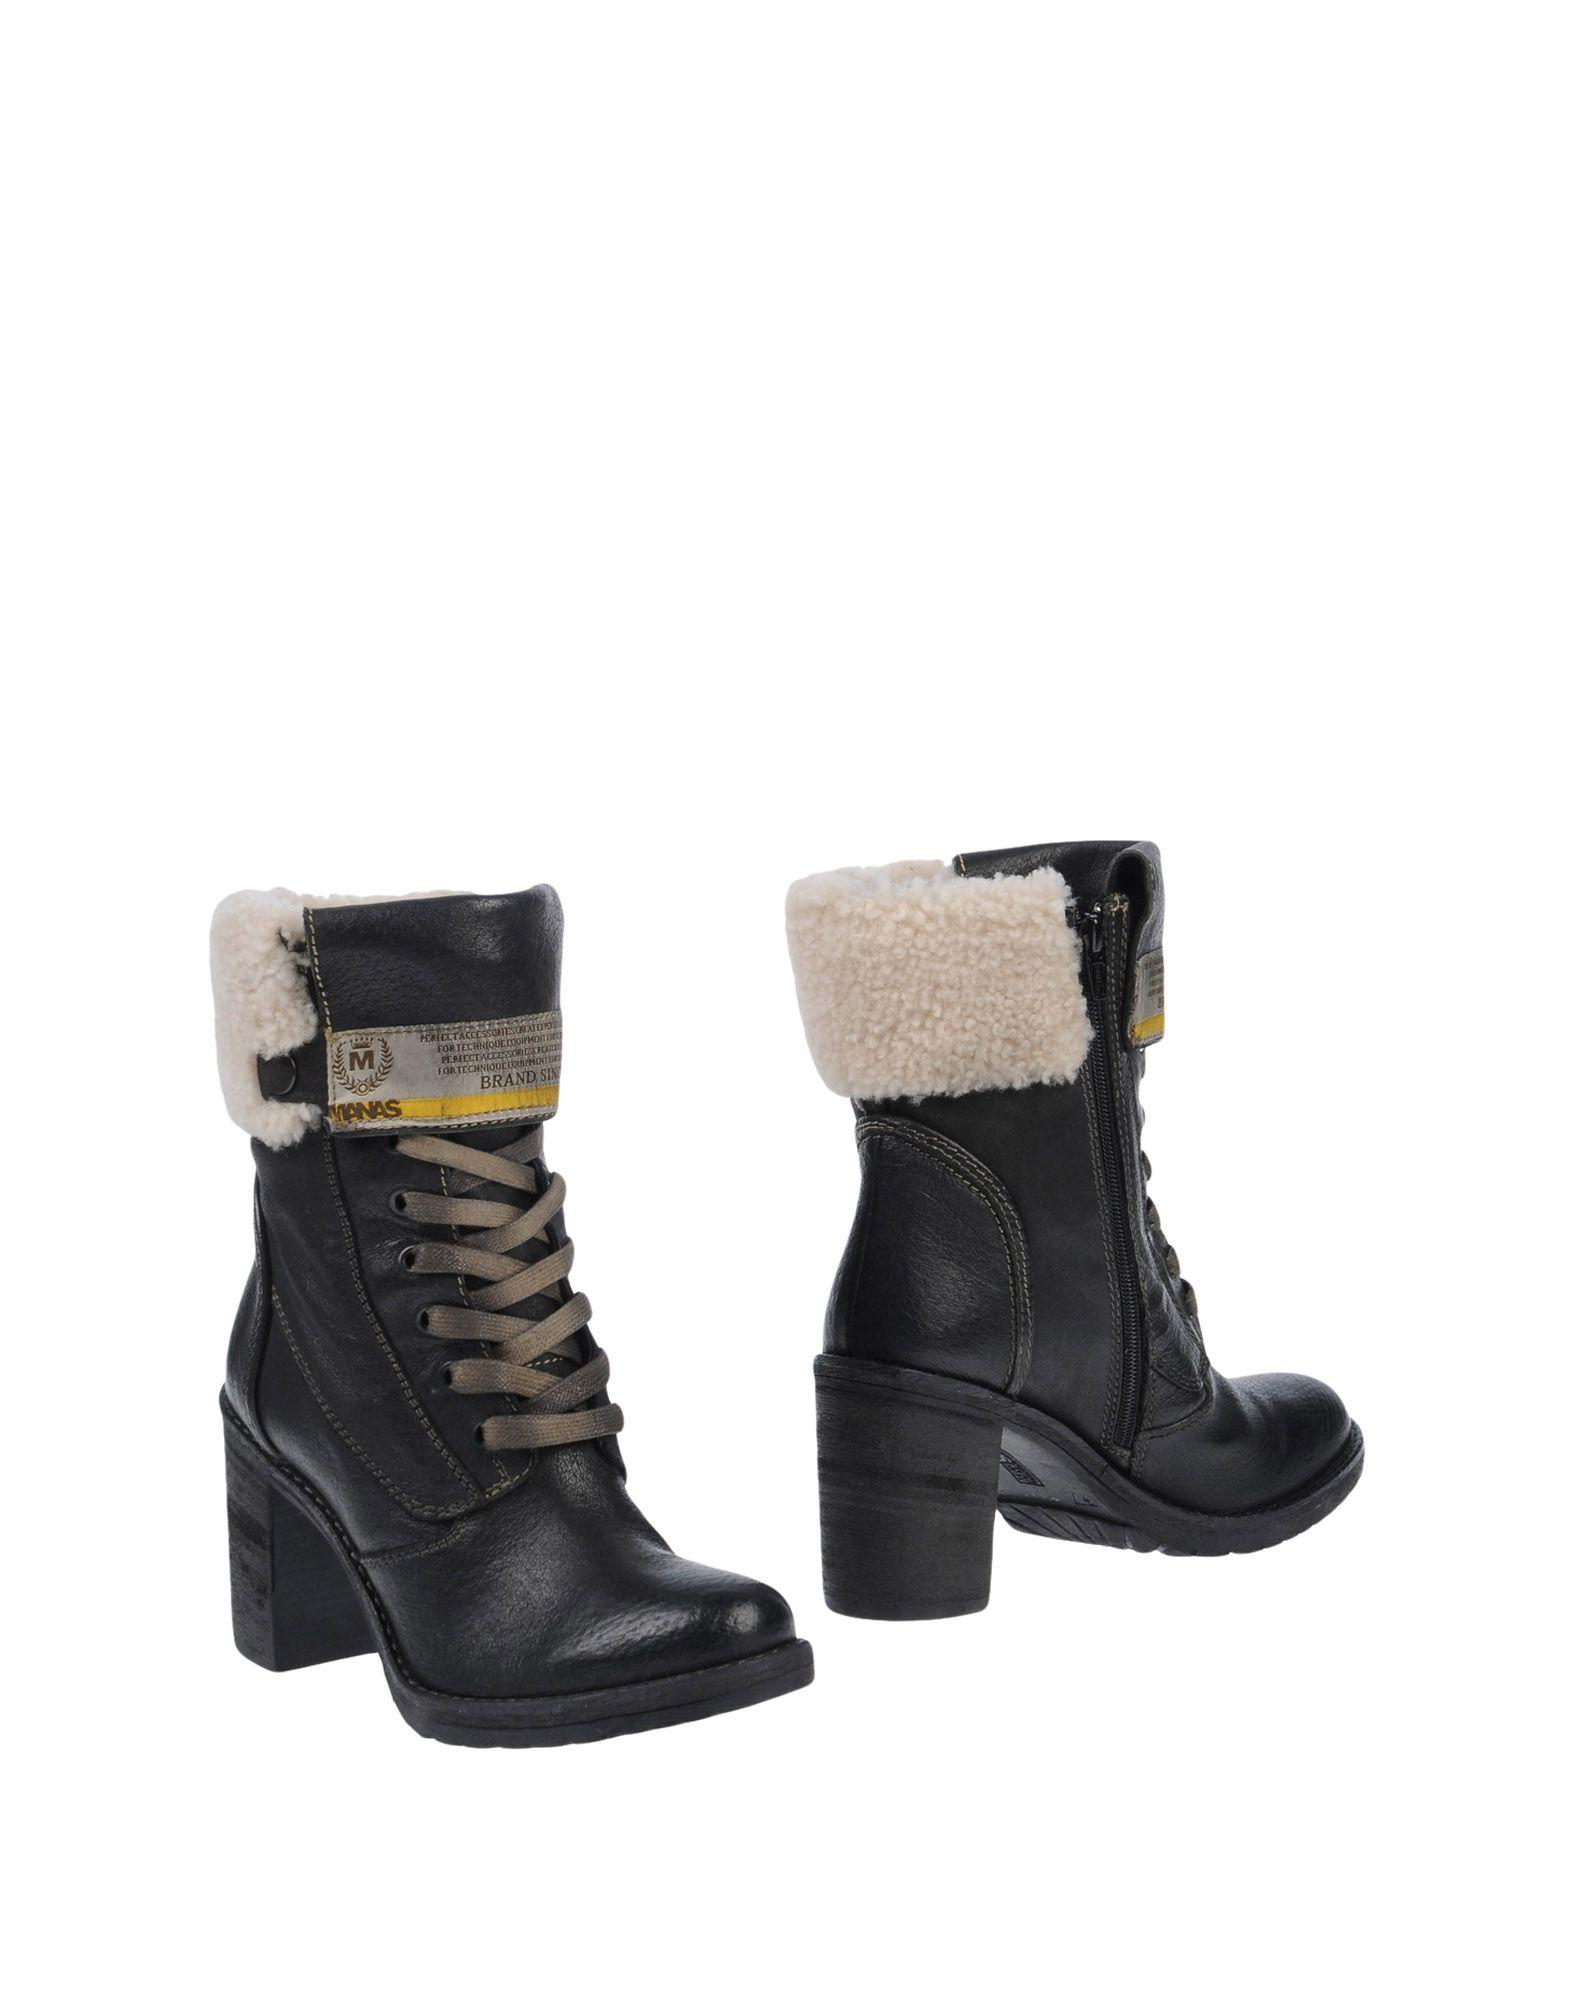 Manas Stiefelette Damen  11506122WF Gute Qualität beliebte Schuhe